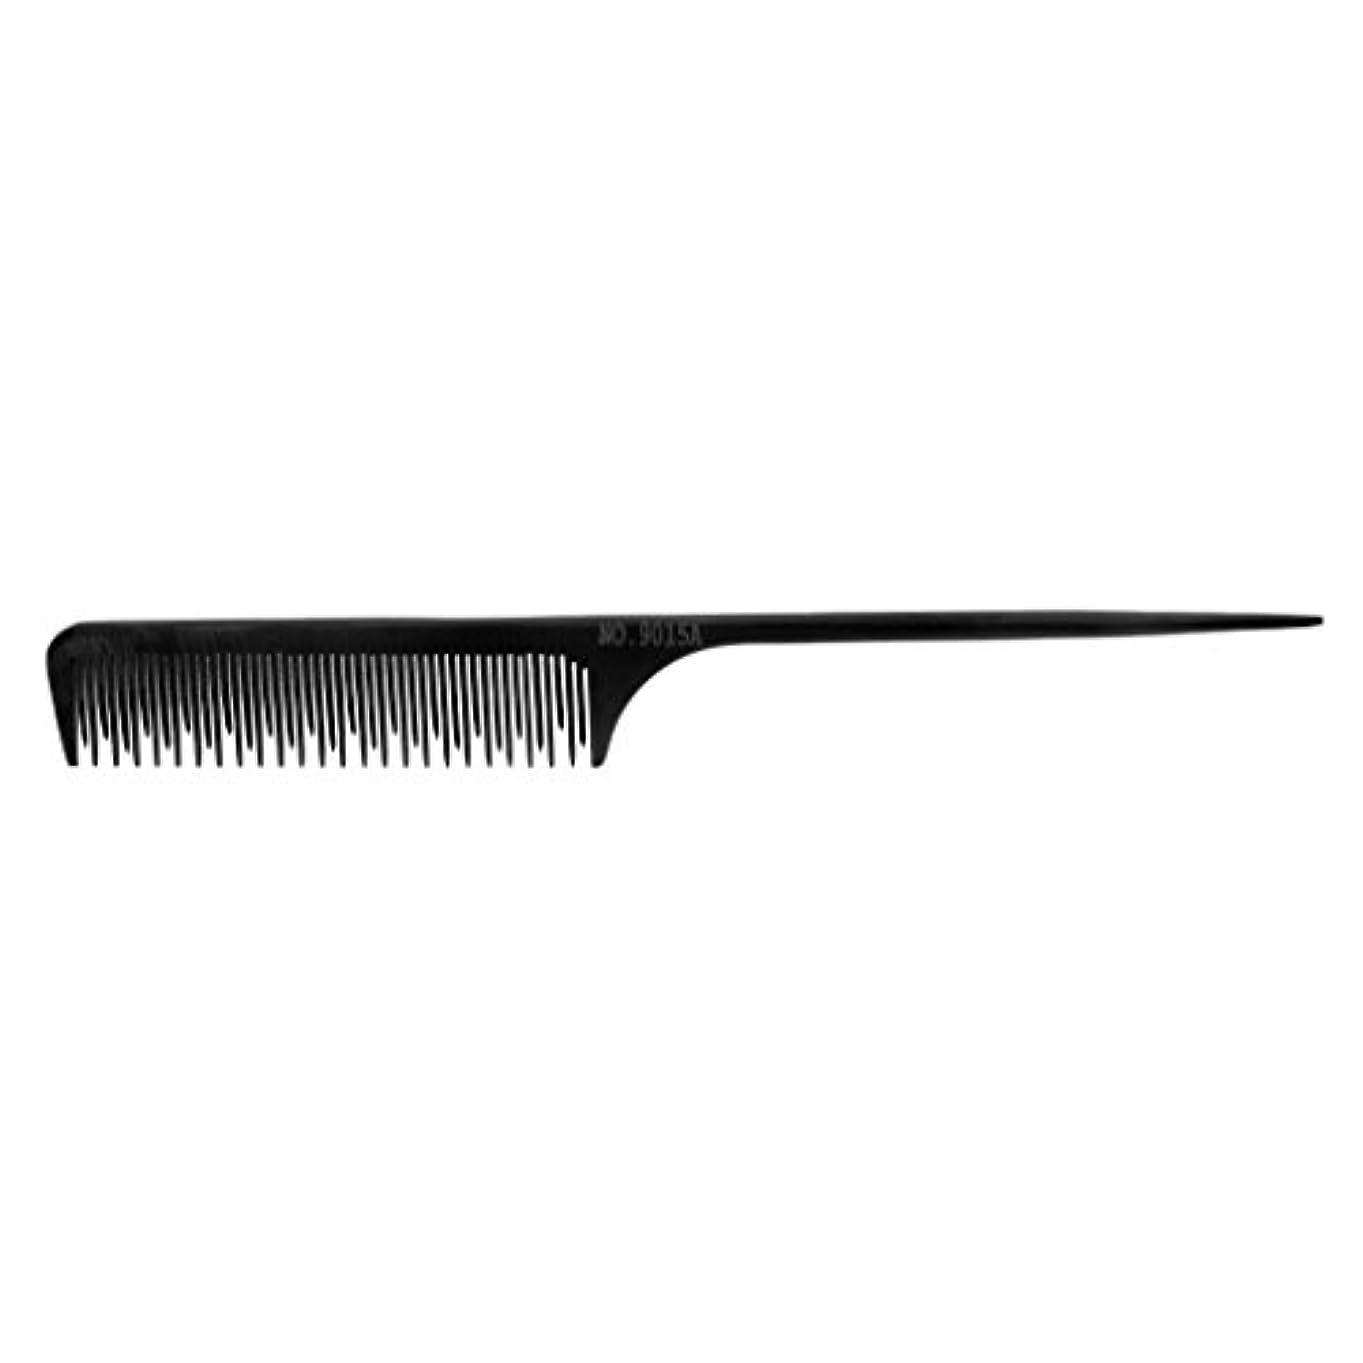 企業馬鹿げた言語学1Pcの黒いプラスチック良い歯の理髪のヘアースタイルの大広間の帯電防止櫛